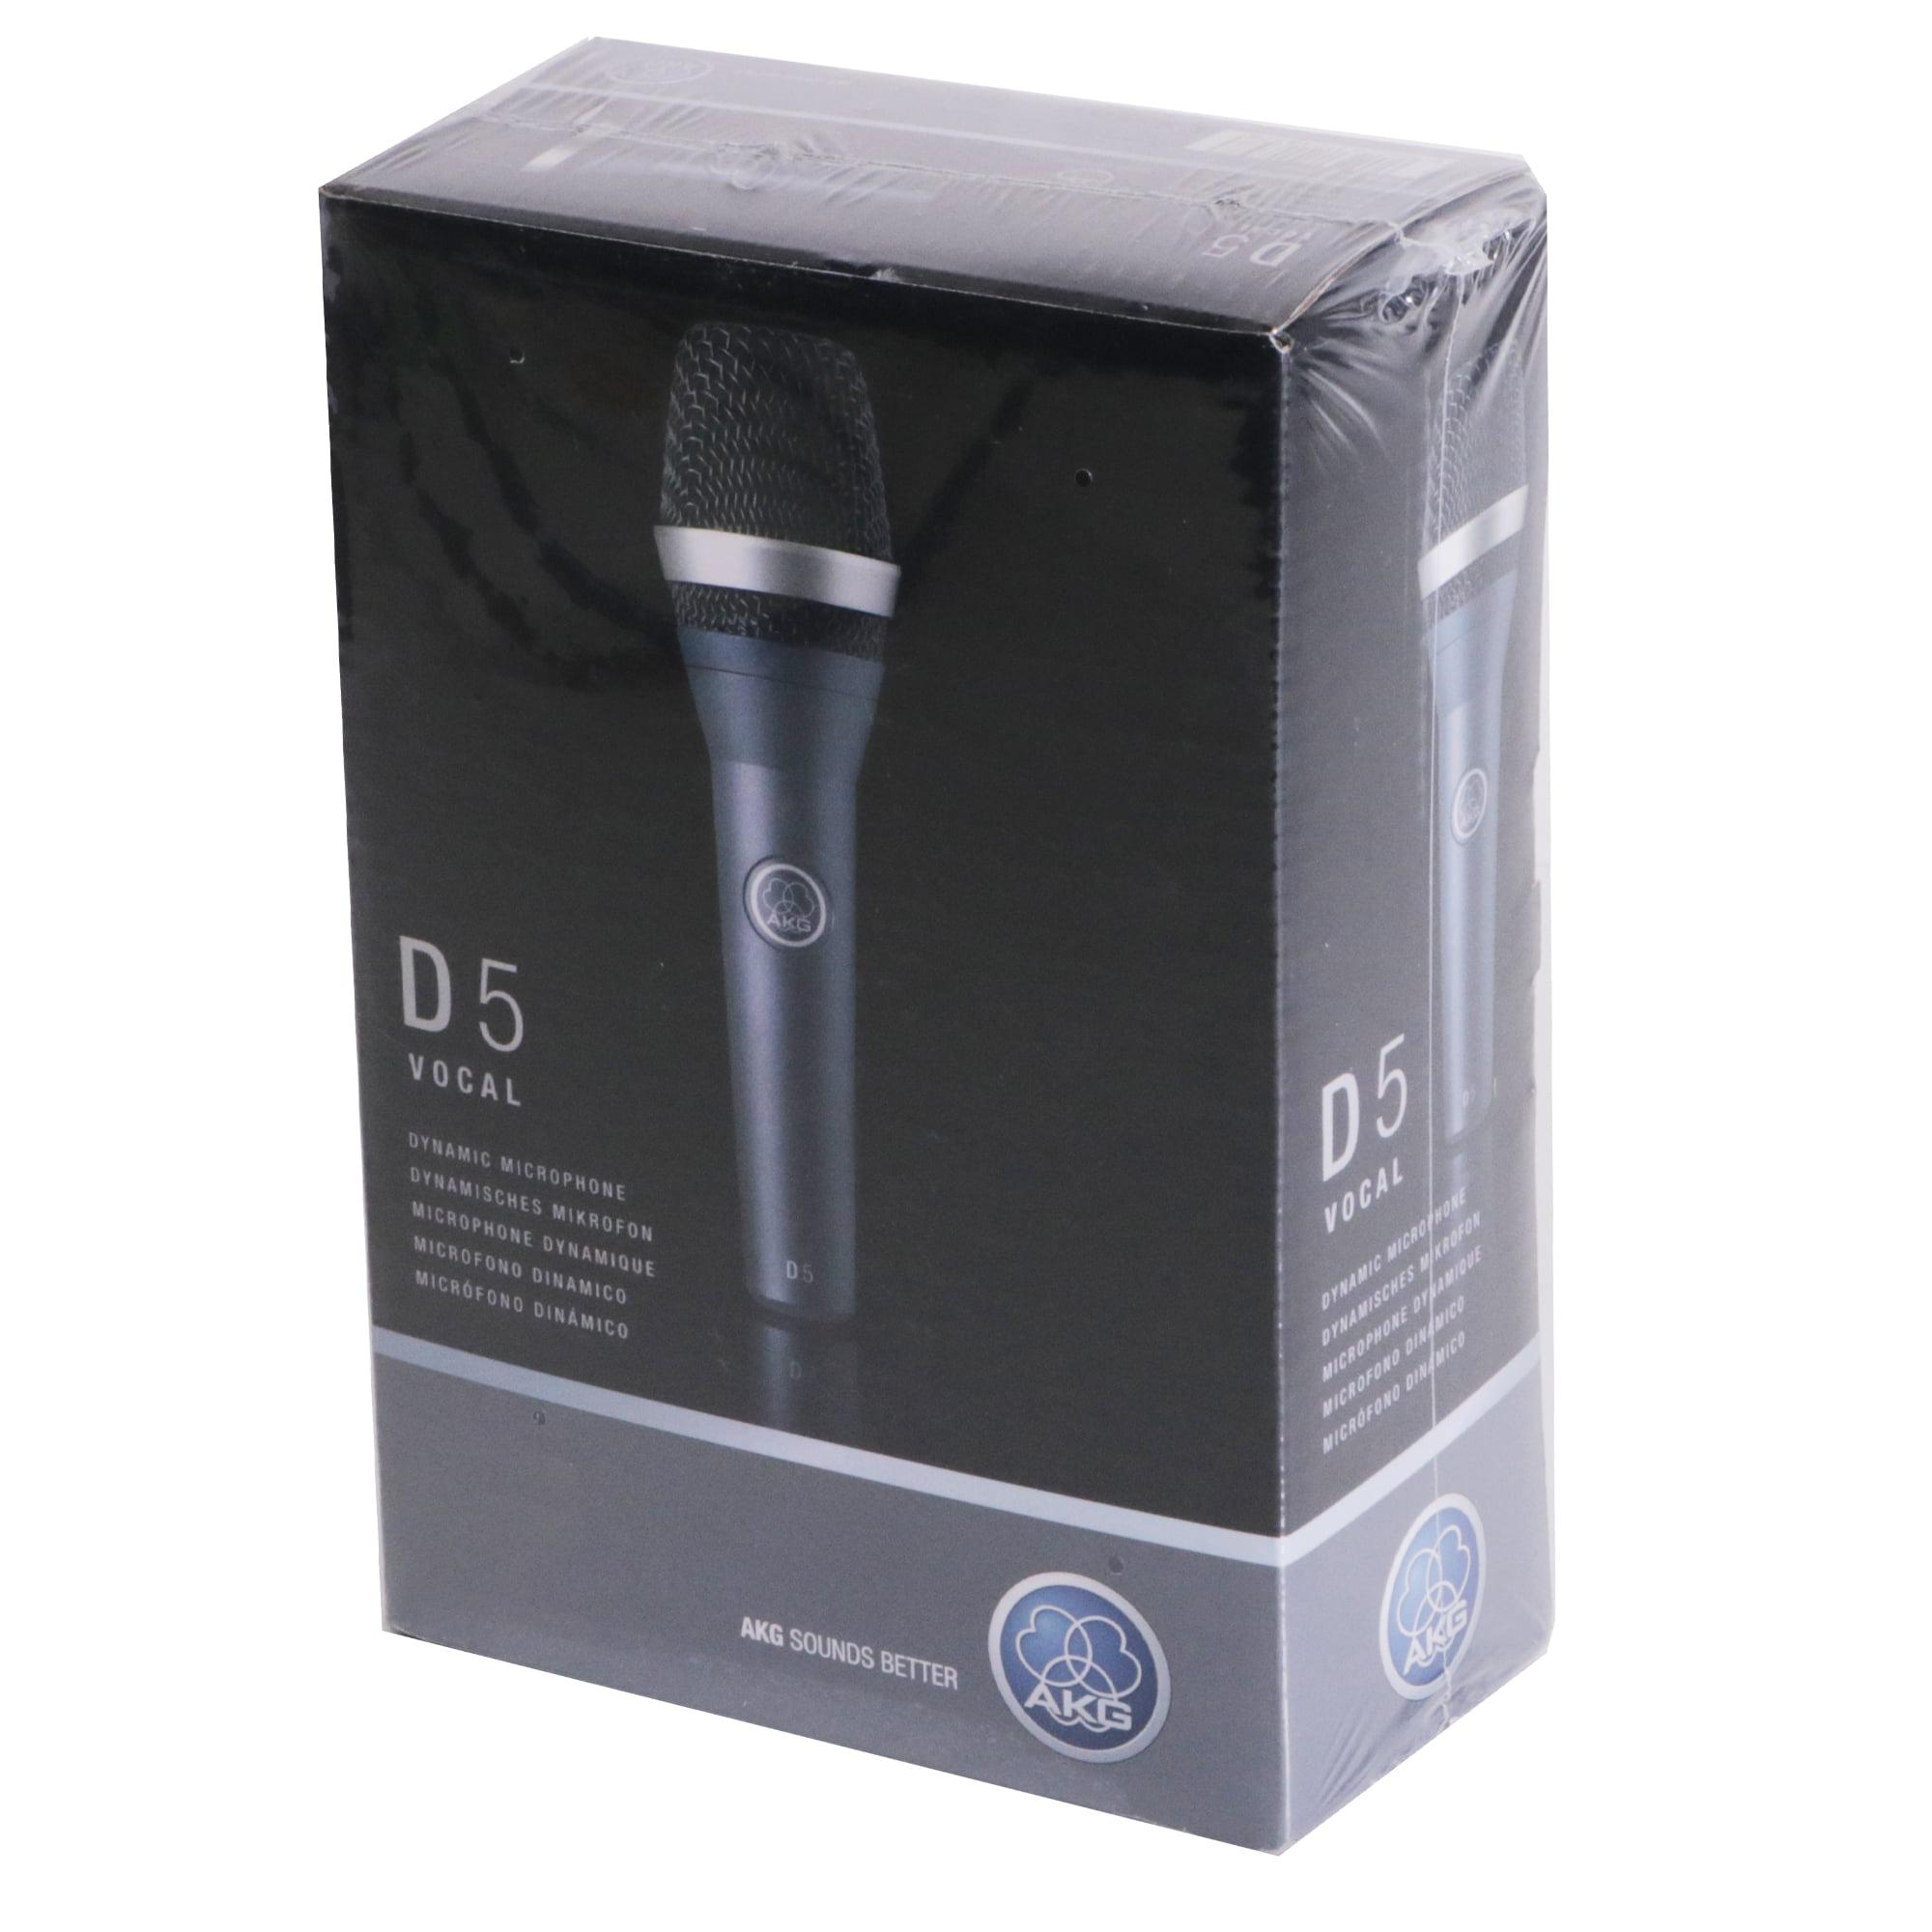 AKG D5 Vocal Dynamic Microphone by AKG